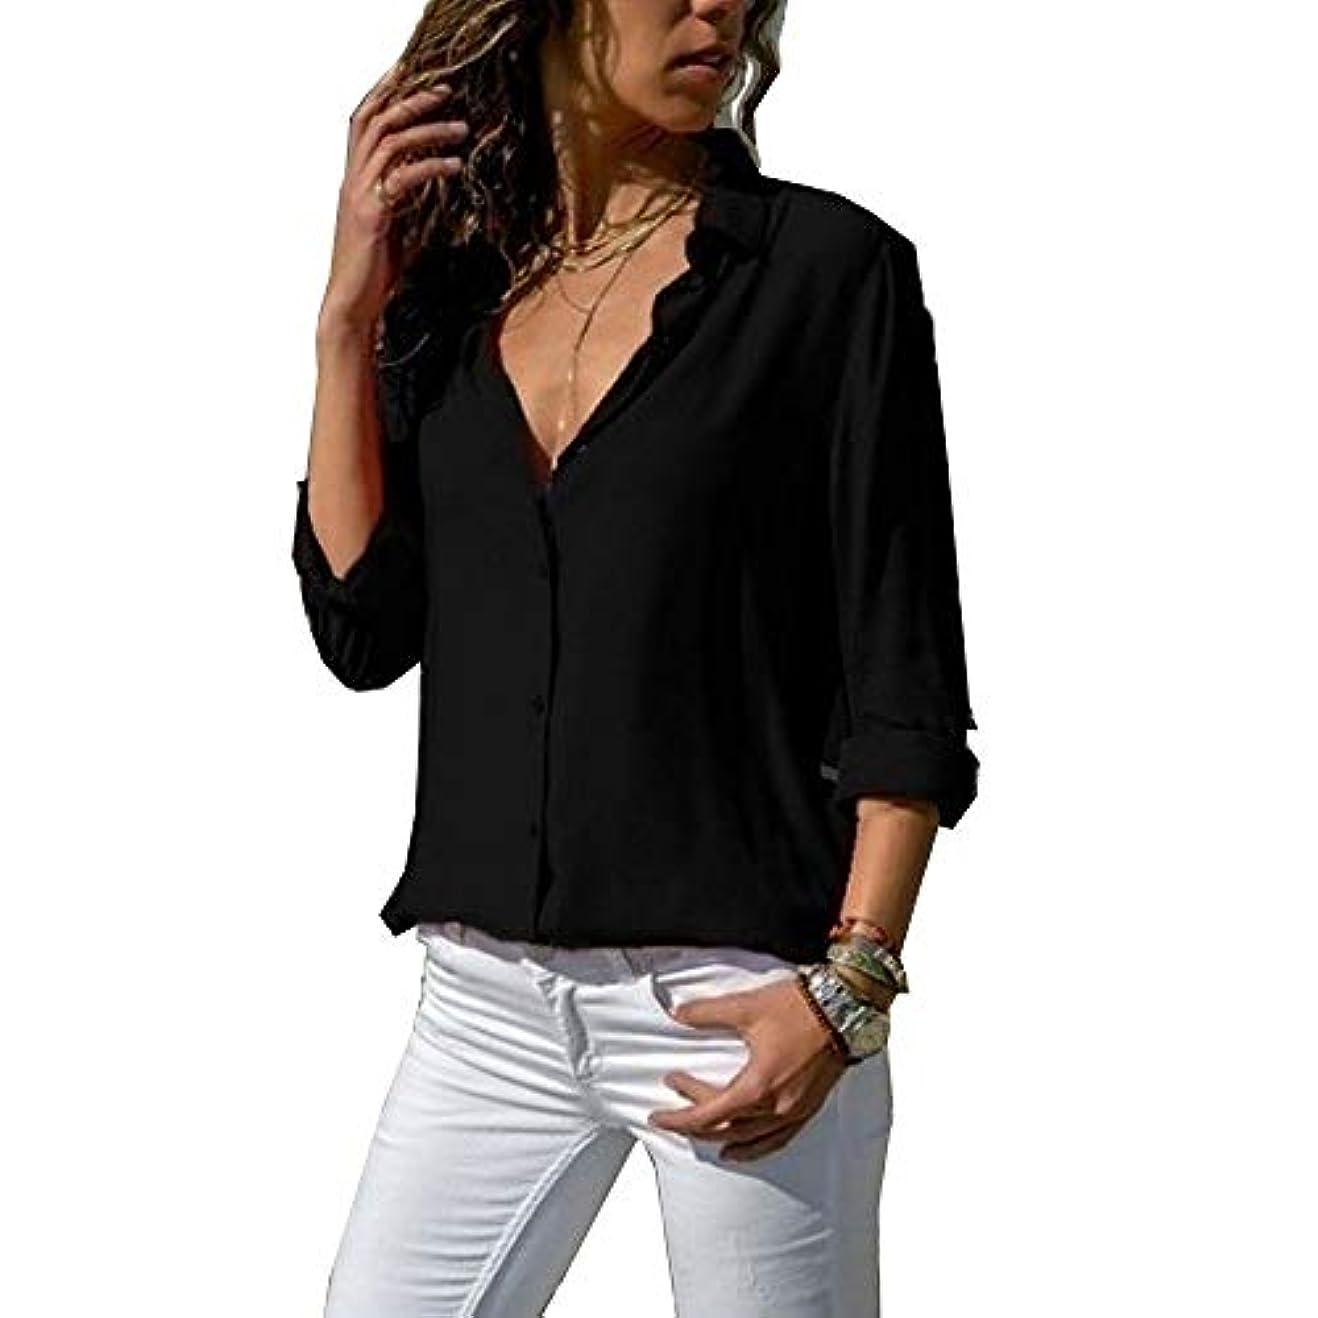 実施する攻撃無実MIFAN ルーズシャツ、トップス&Tシャツ、プラスサイズ、トップス&ブラウス、シフォンブラウス、女性トップス、シフォンシャツ